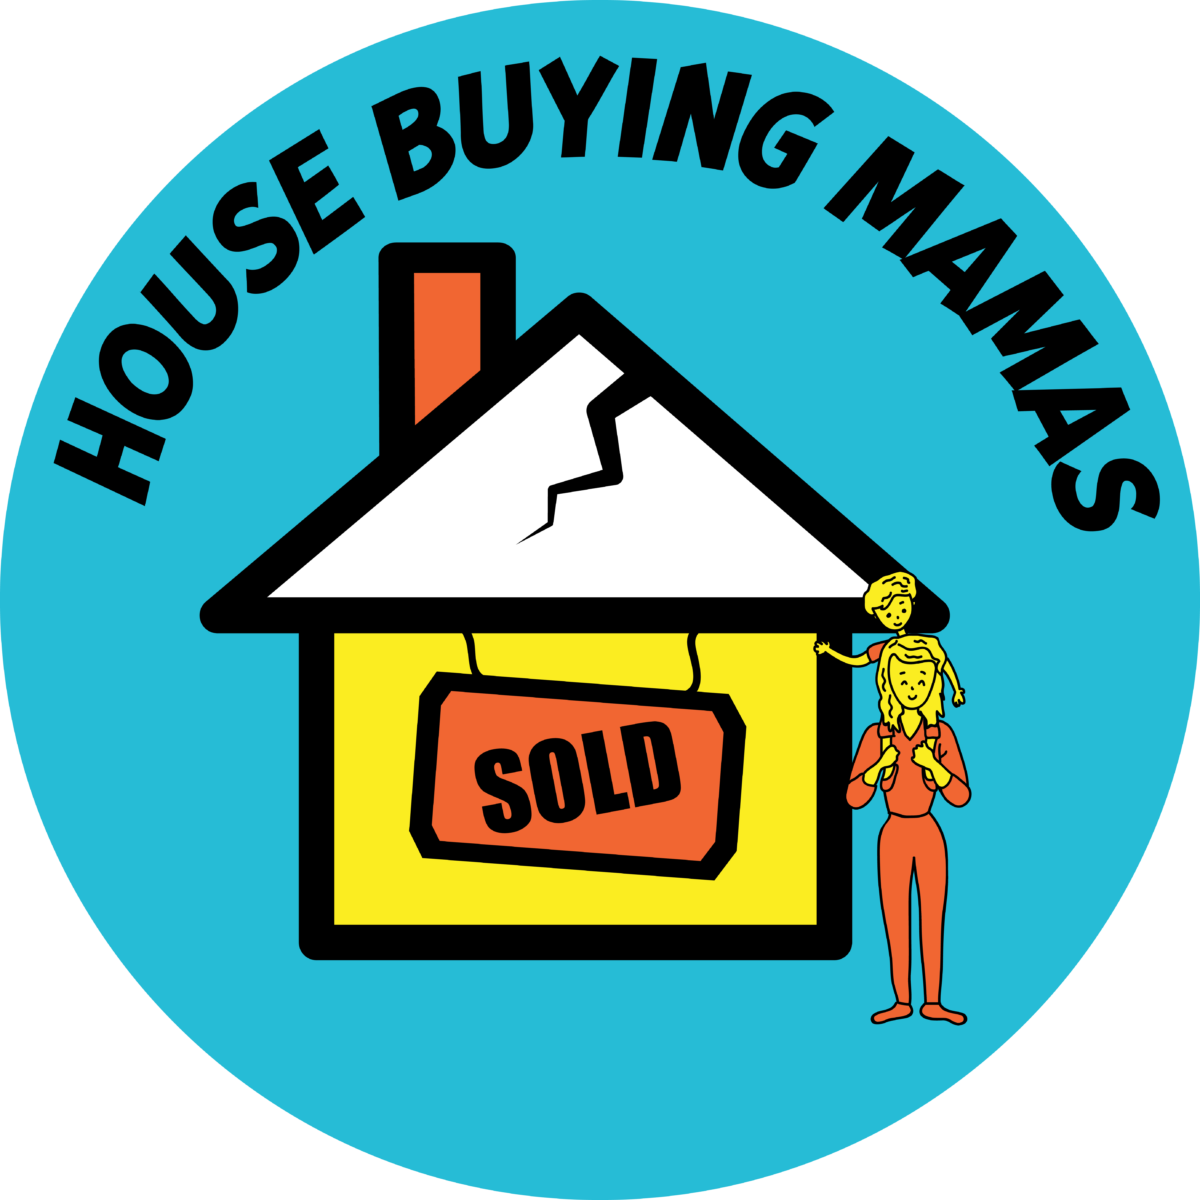 House Buying Mamas logo